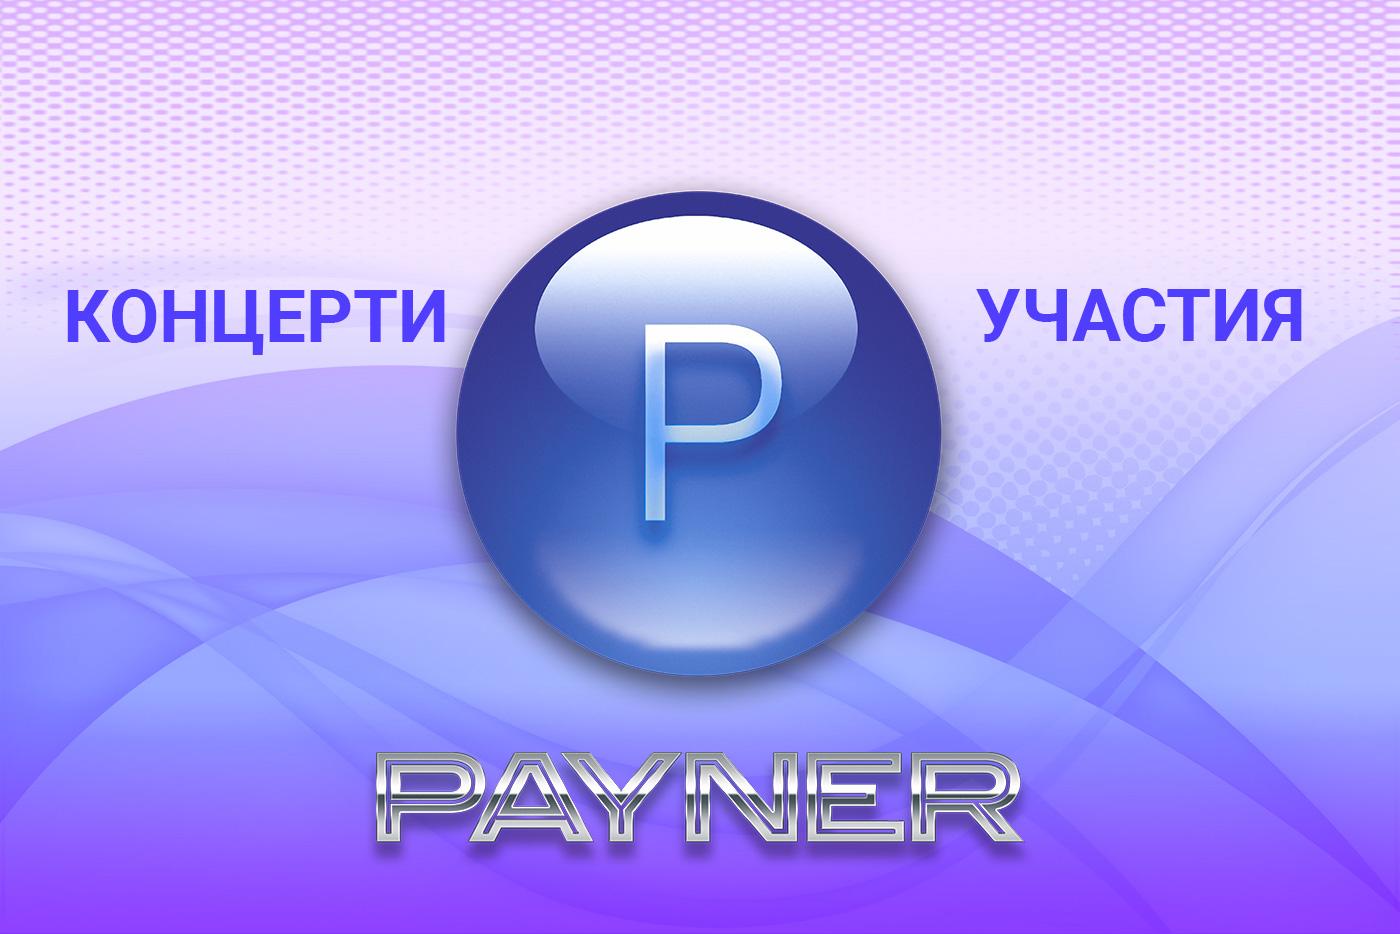 """Участия на звездите на """"Пайнер"""" на 24.10.2018"""